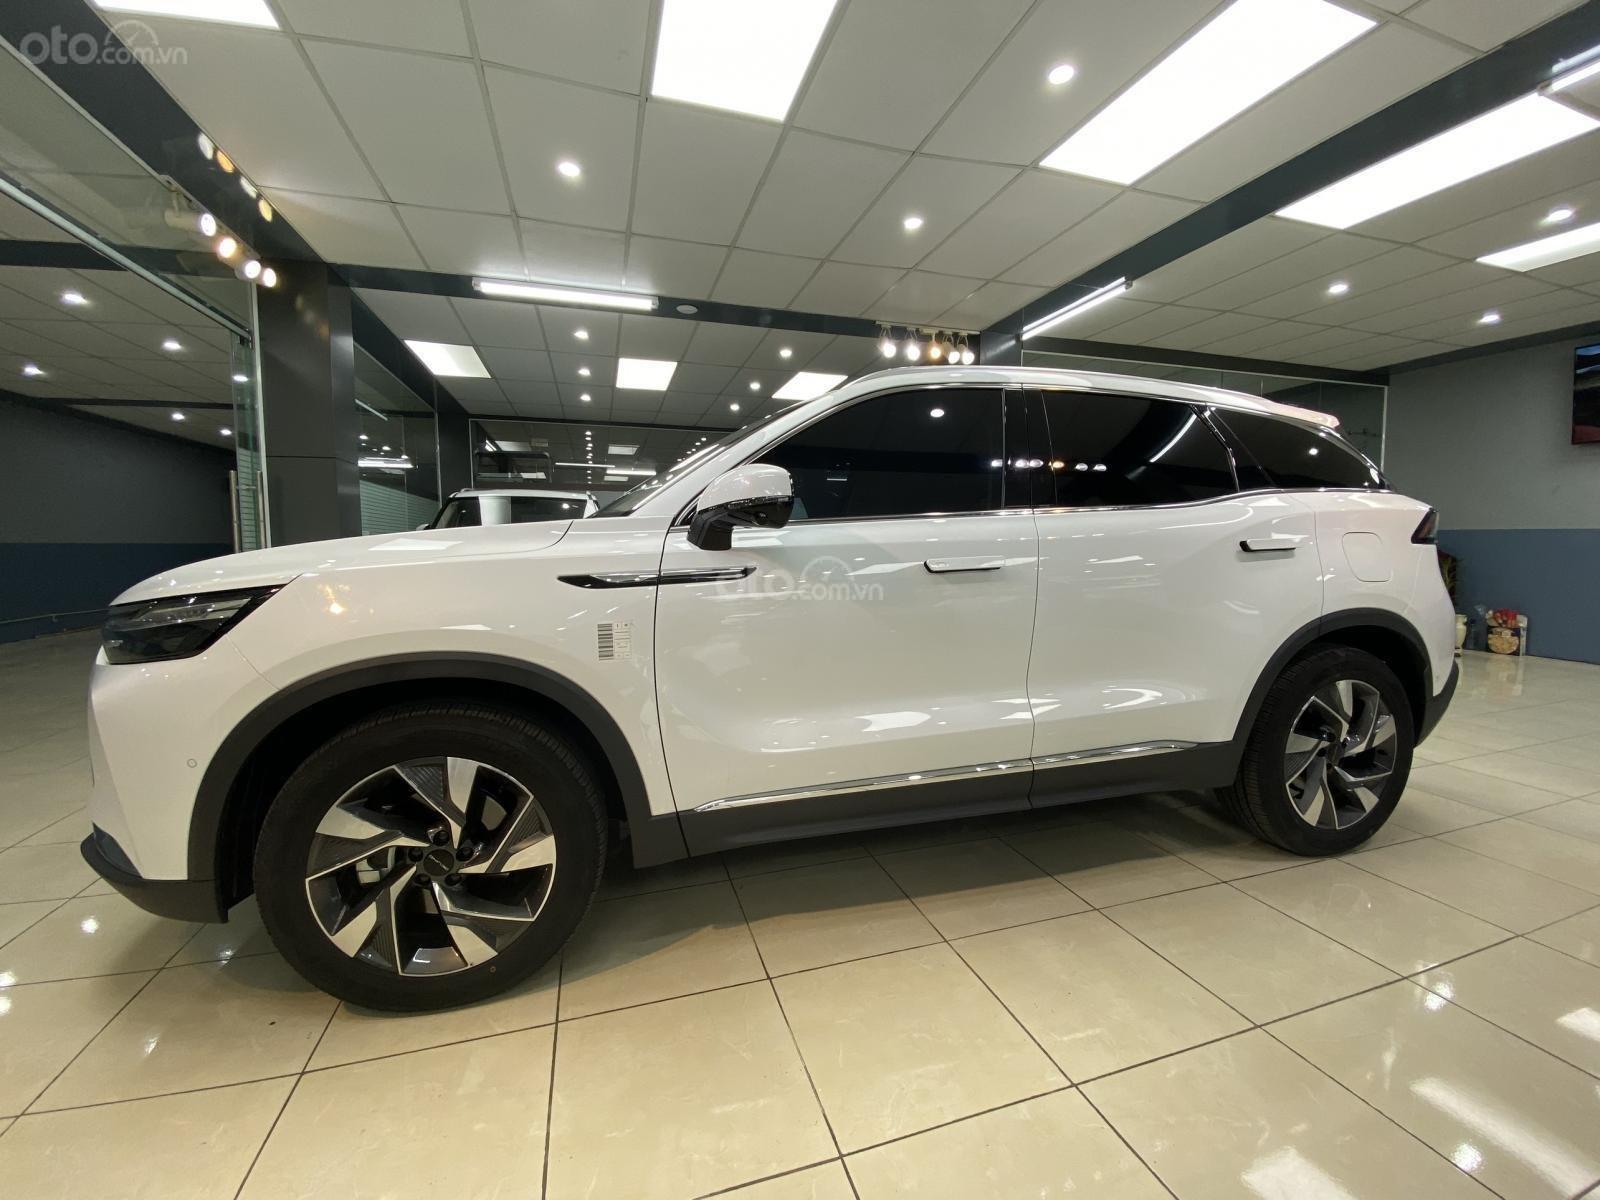 BAIC Beijing X7 2020 1.5 MT, động cơ xăng, màu trắng. Giá 528tr (3)